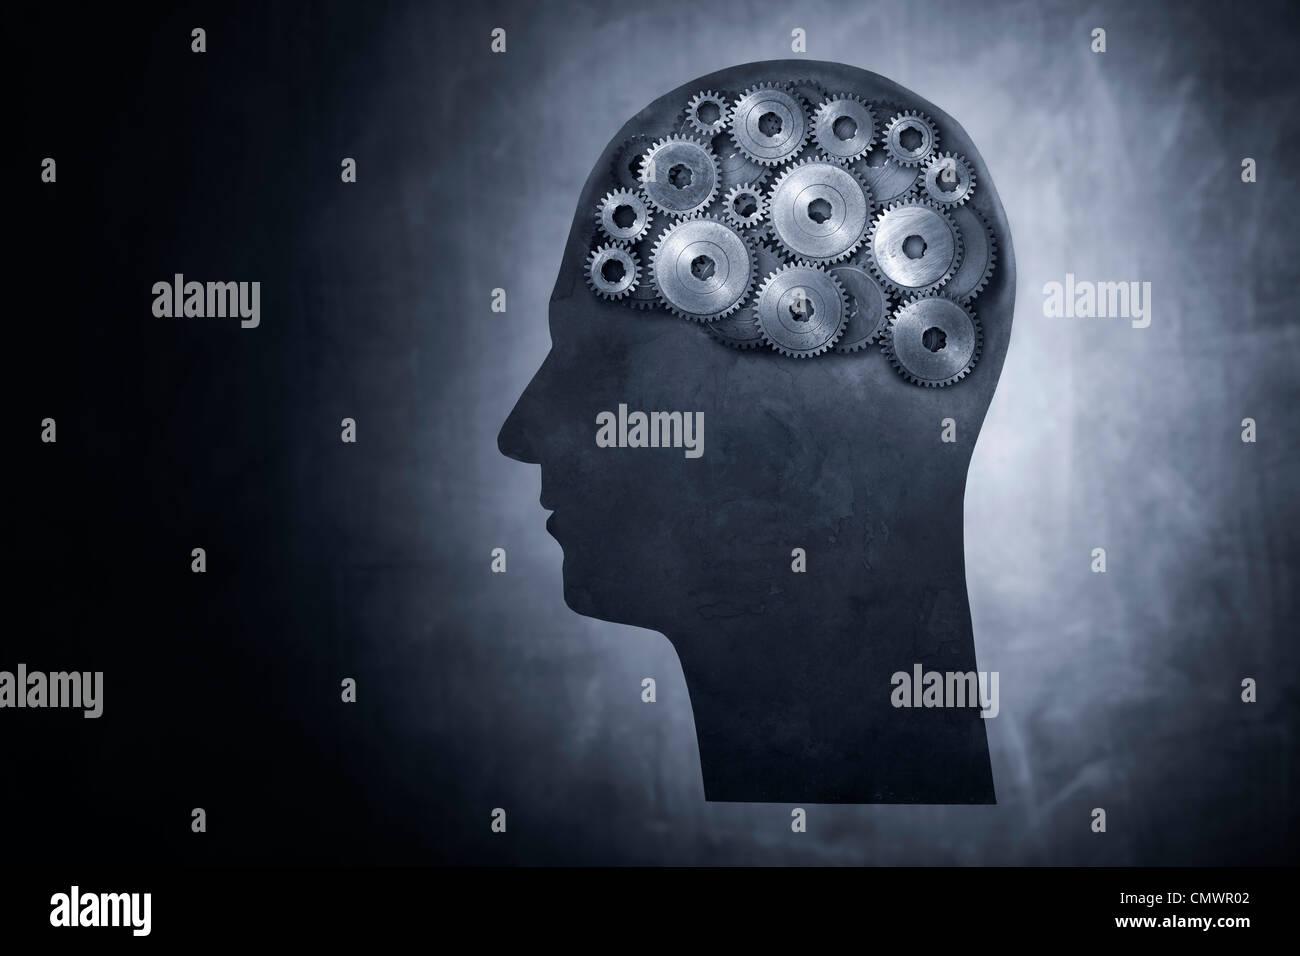 Konzeptbild von Kopf gefüllt mit Zahnrad-Getriebe. Stockfoto